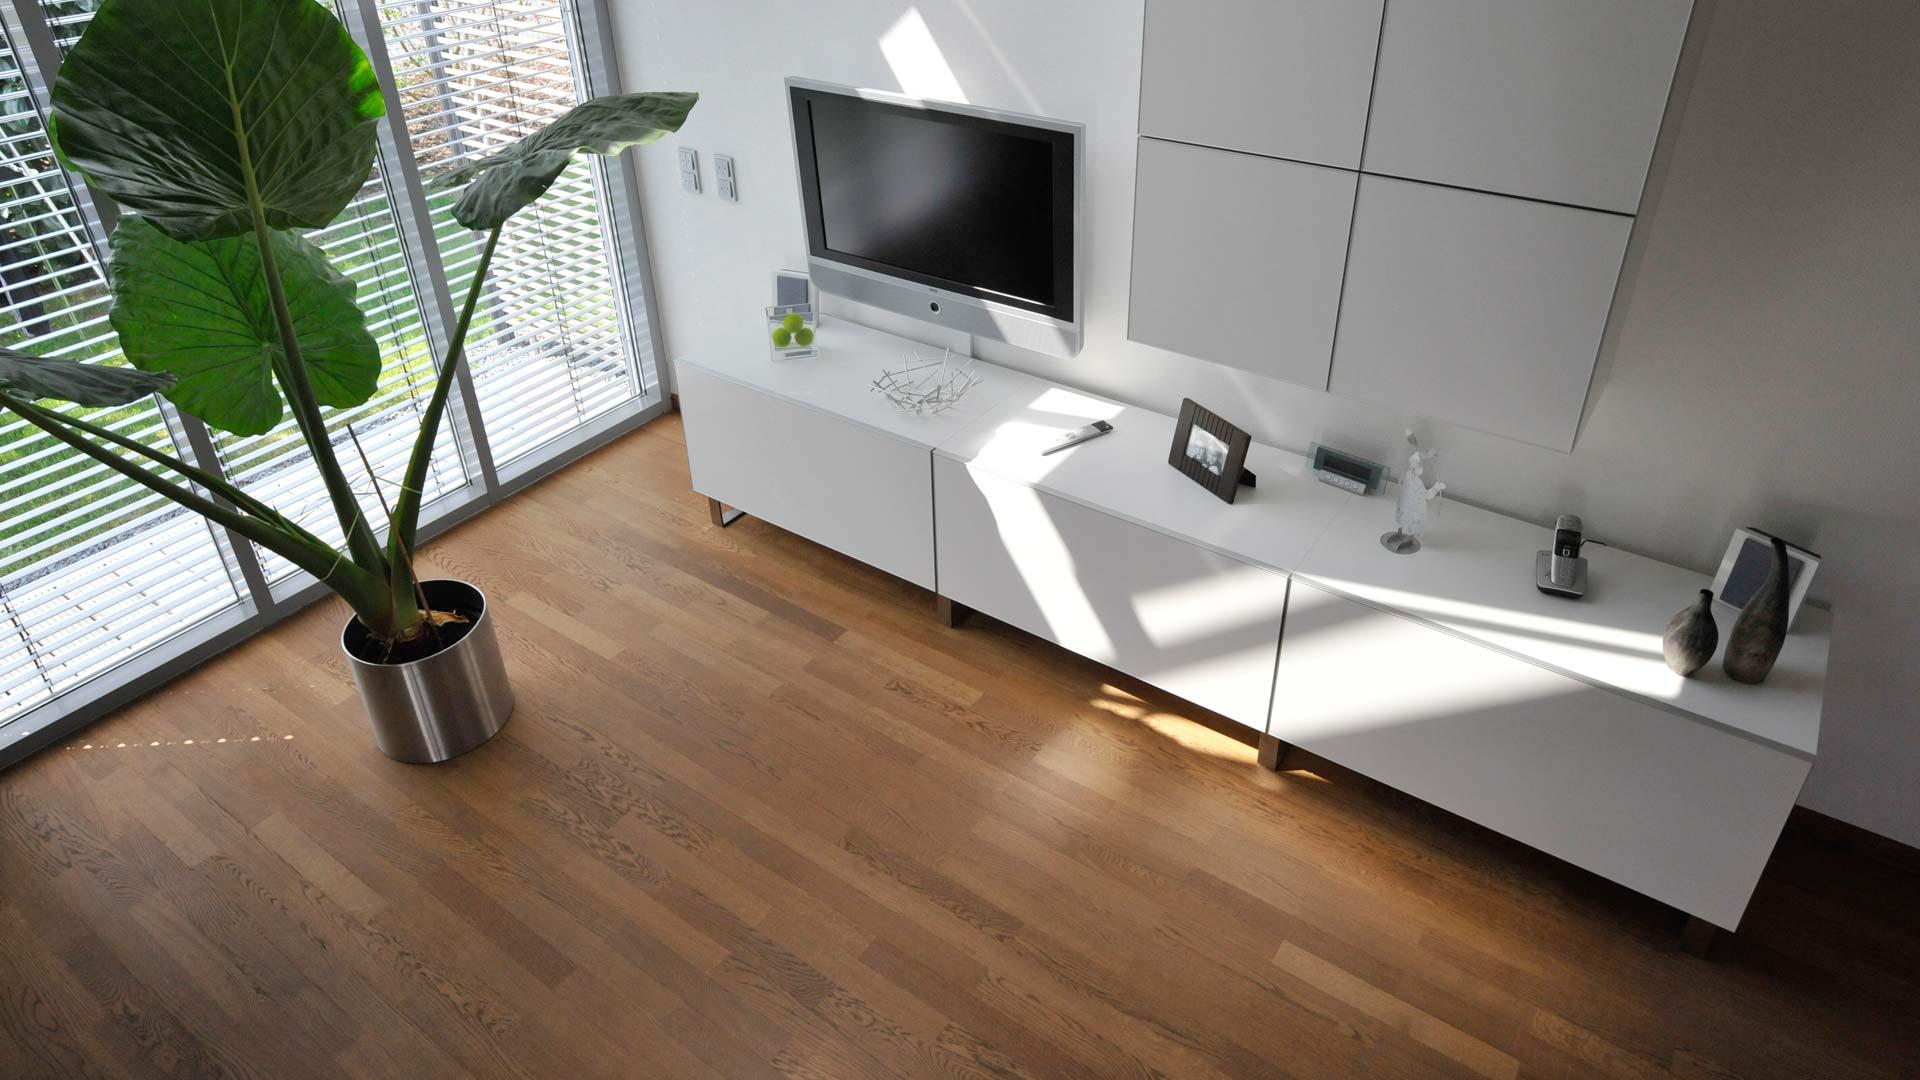 welche m bel zu eichenparkett design. Black Bedroom Furniture Sets. Home Design Ideas